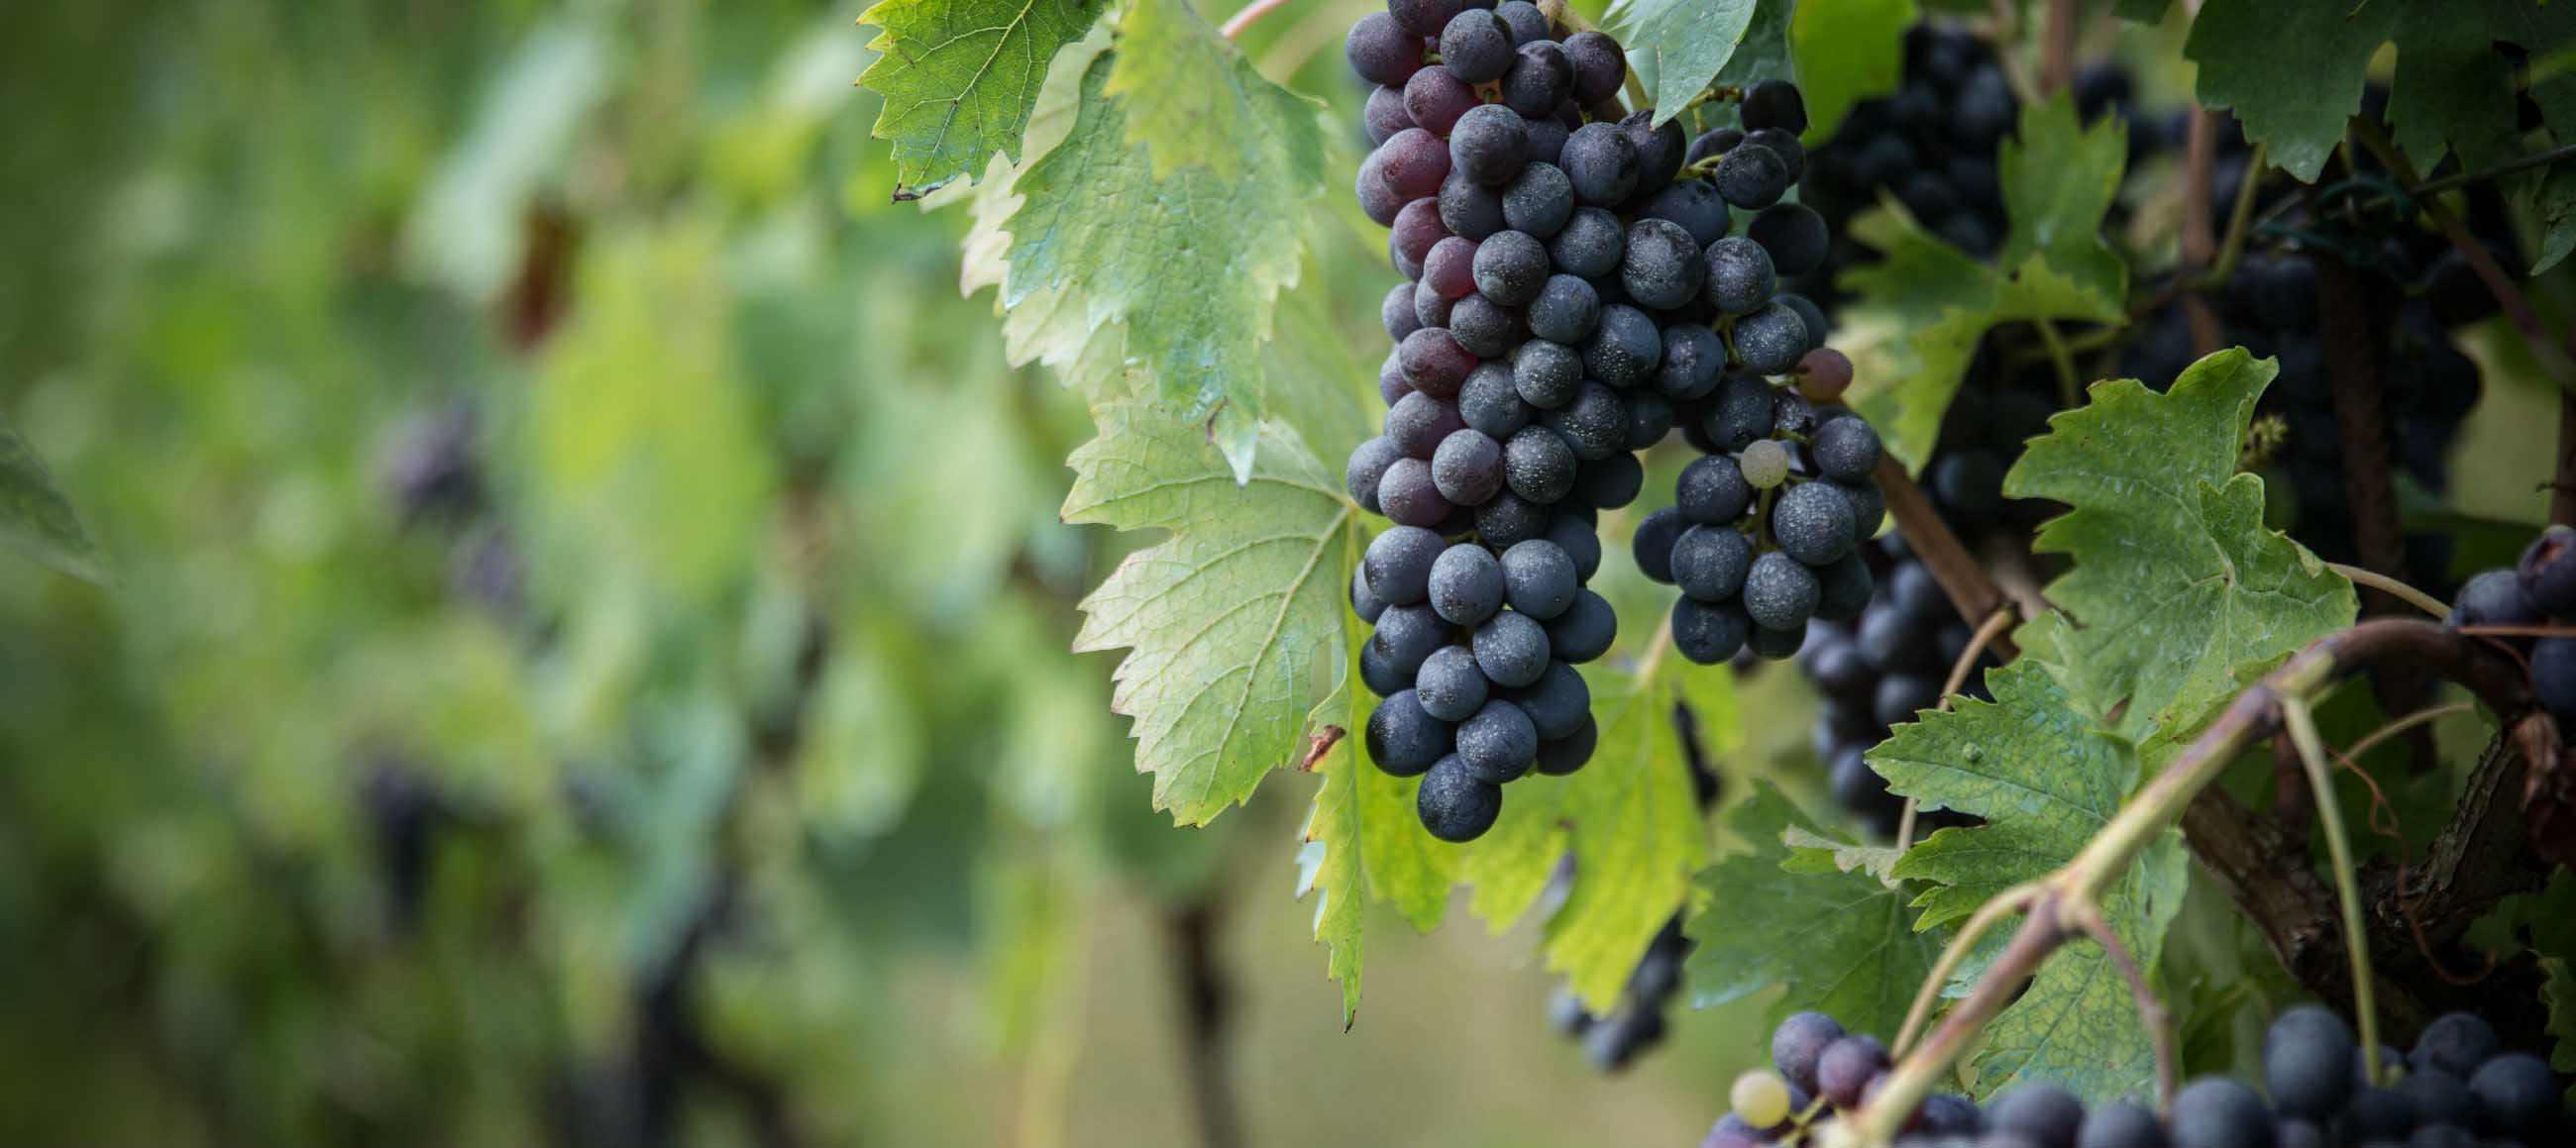 vigneto che produce vino cotto